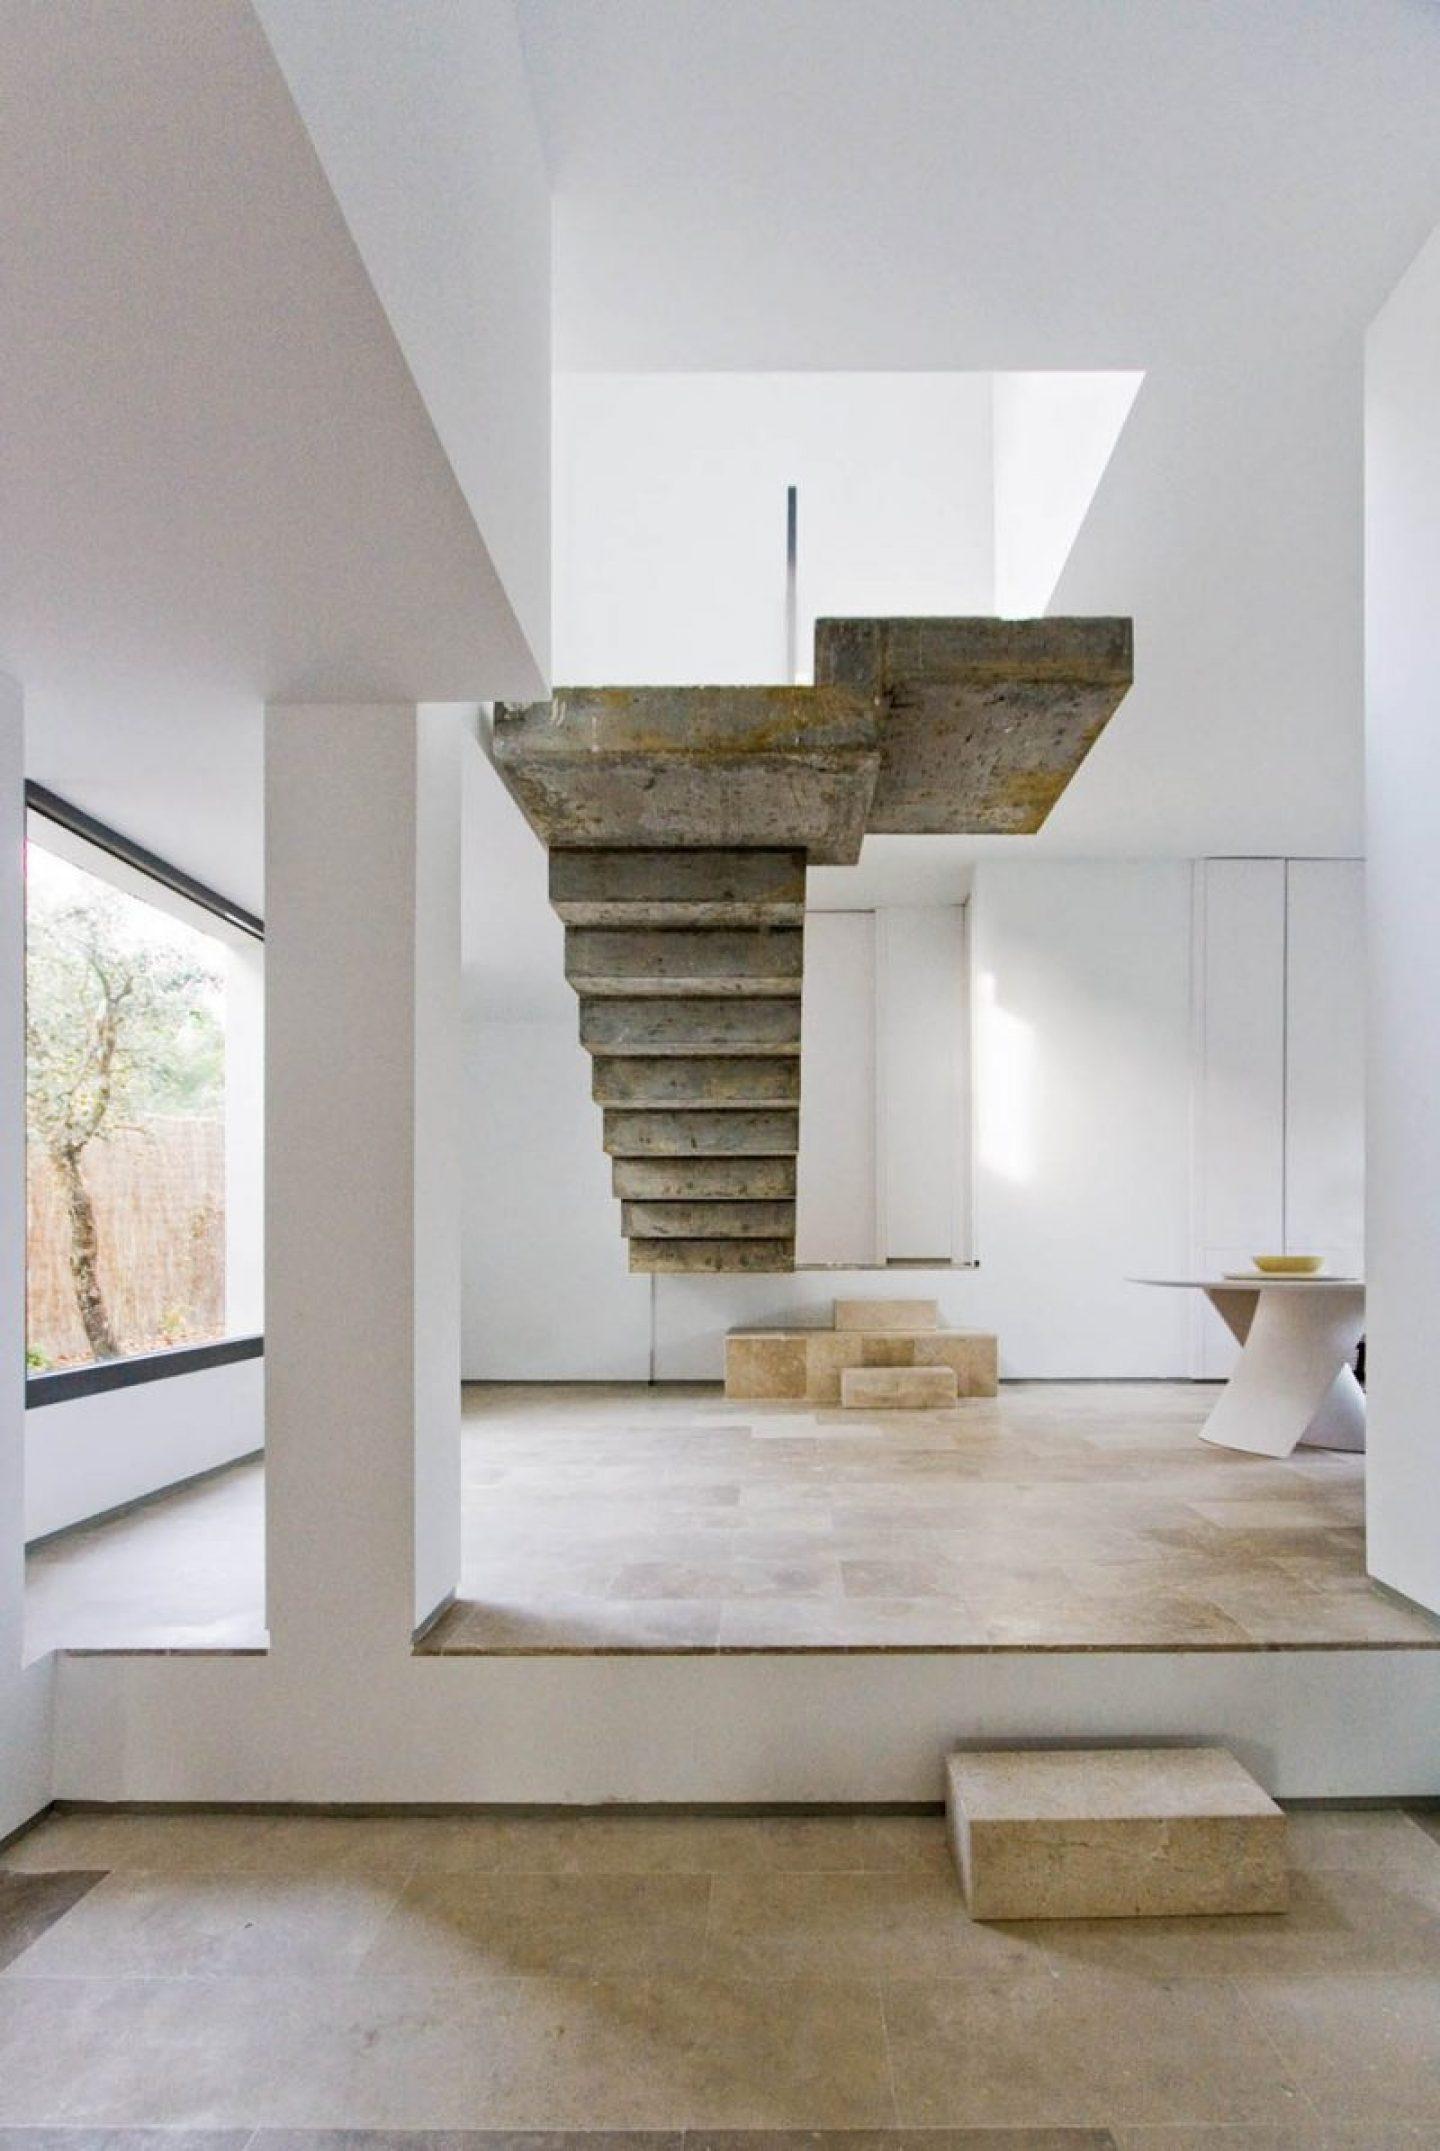 iGNANT_Architecture_C-15_House_Abaton_Arquitectura_6